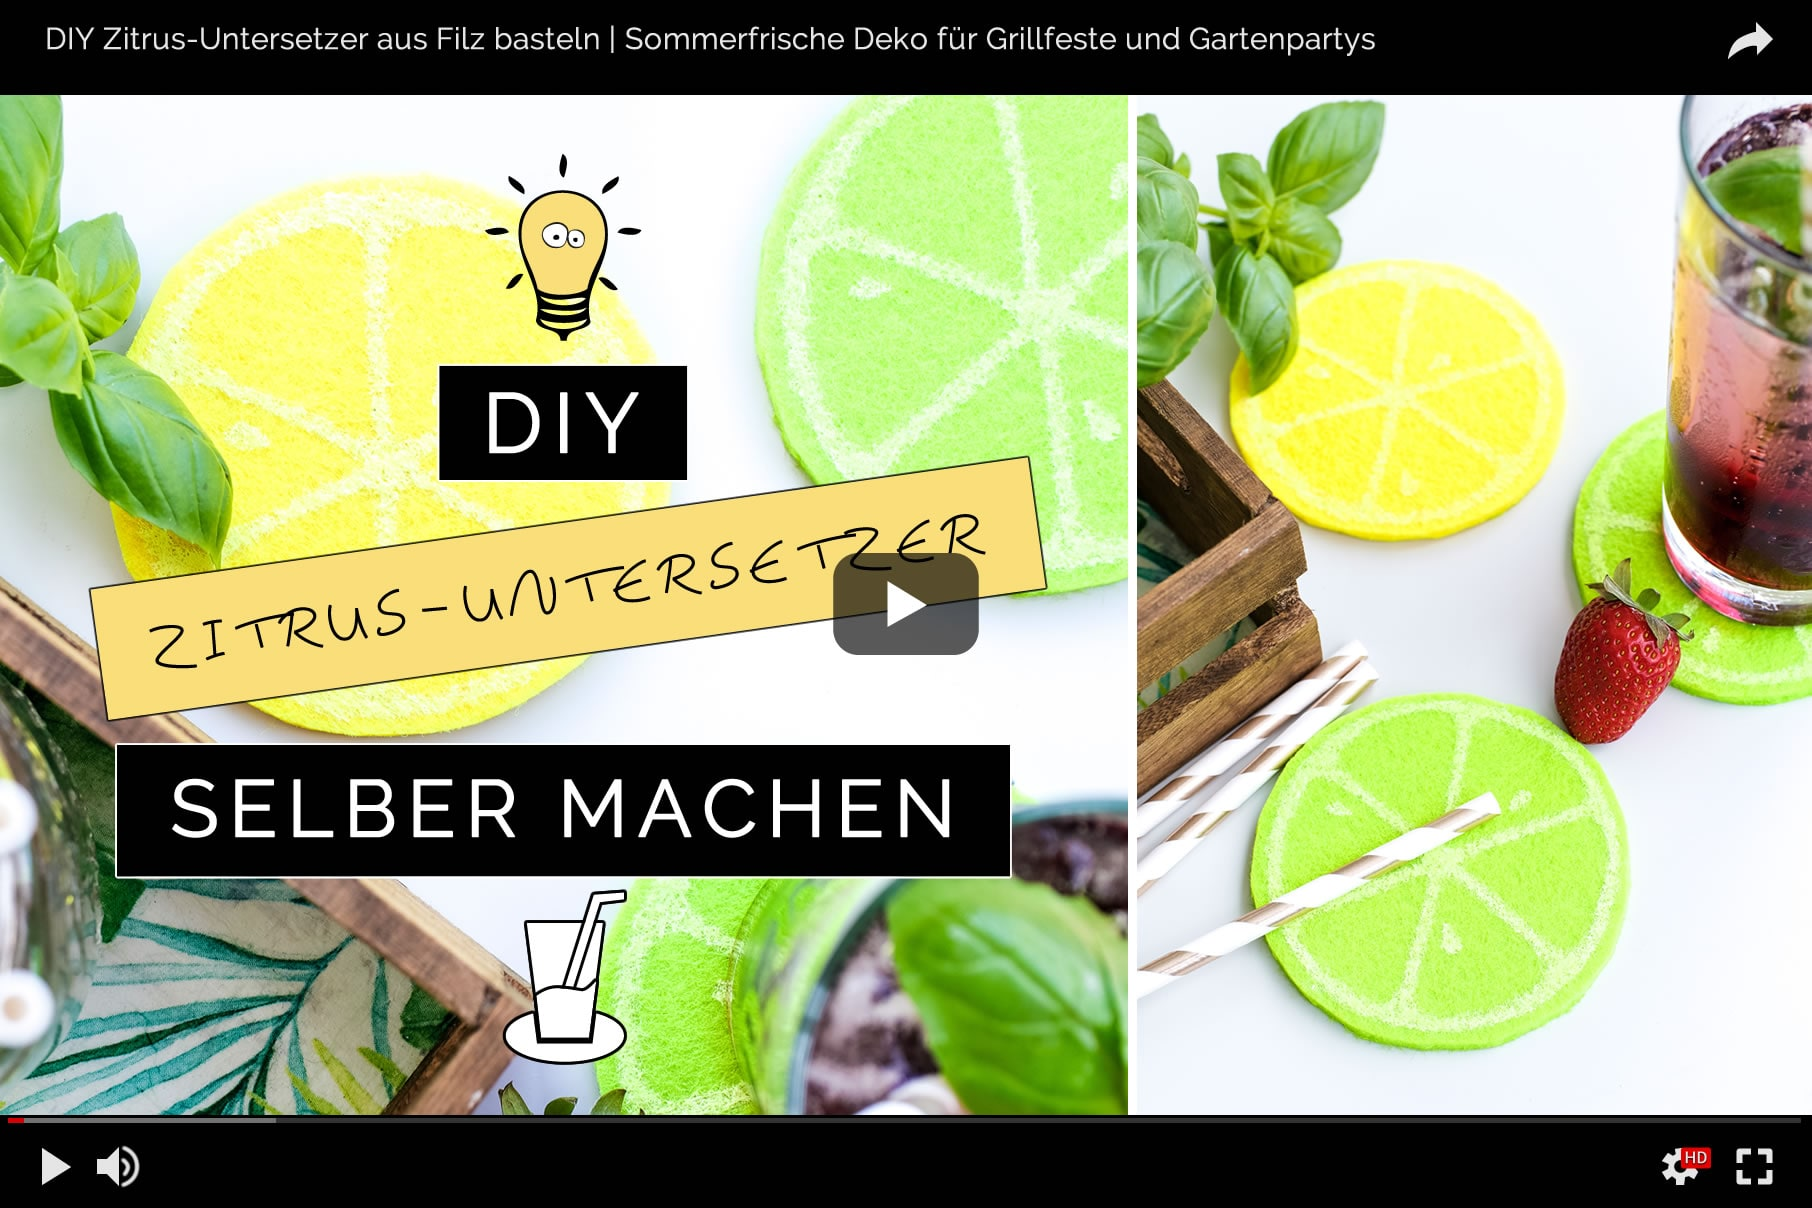 DIY Zitrus-Untersetzer aus Filz basteln | Sommerfrische Deko für Grillfeste und Gartenpartys schnell und einfach selbst gemacht! | Filizity.com | DIY-Blog aus dem Rheinland #sommer